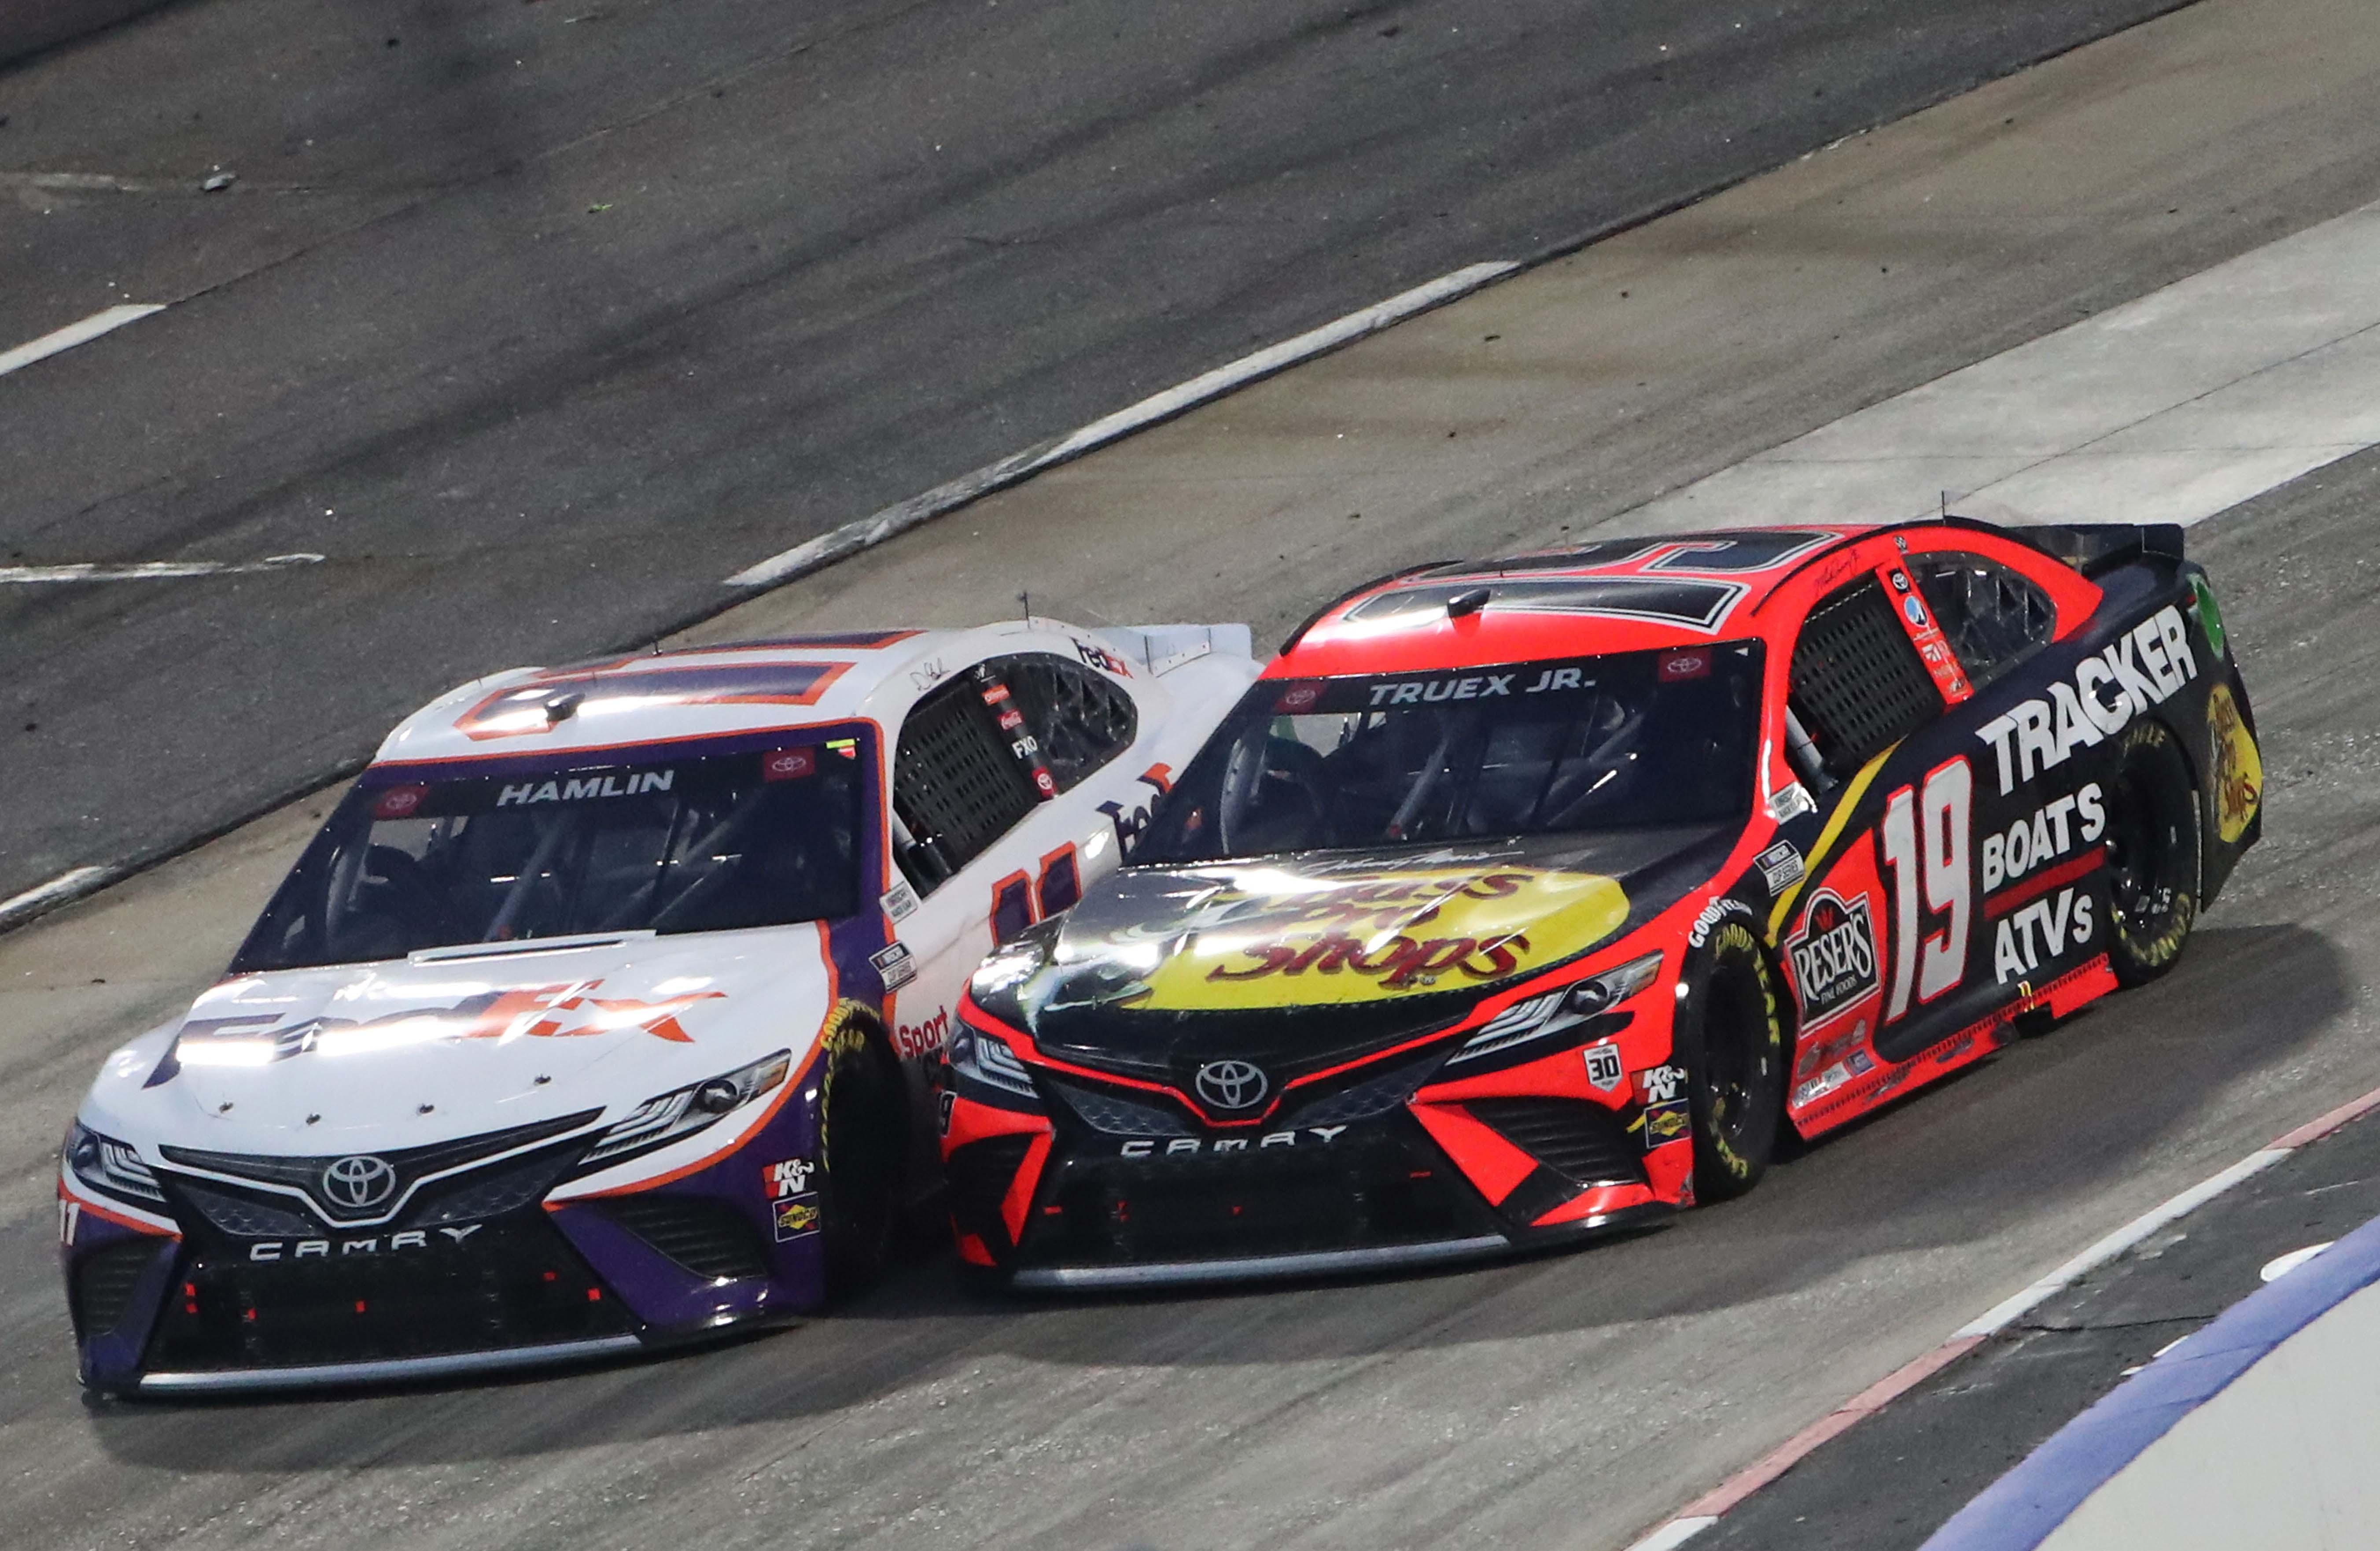 Martin Truex Jr and Denny Hamlin at Martinsville Speedway - NASCAR Cup Series